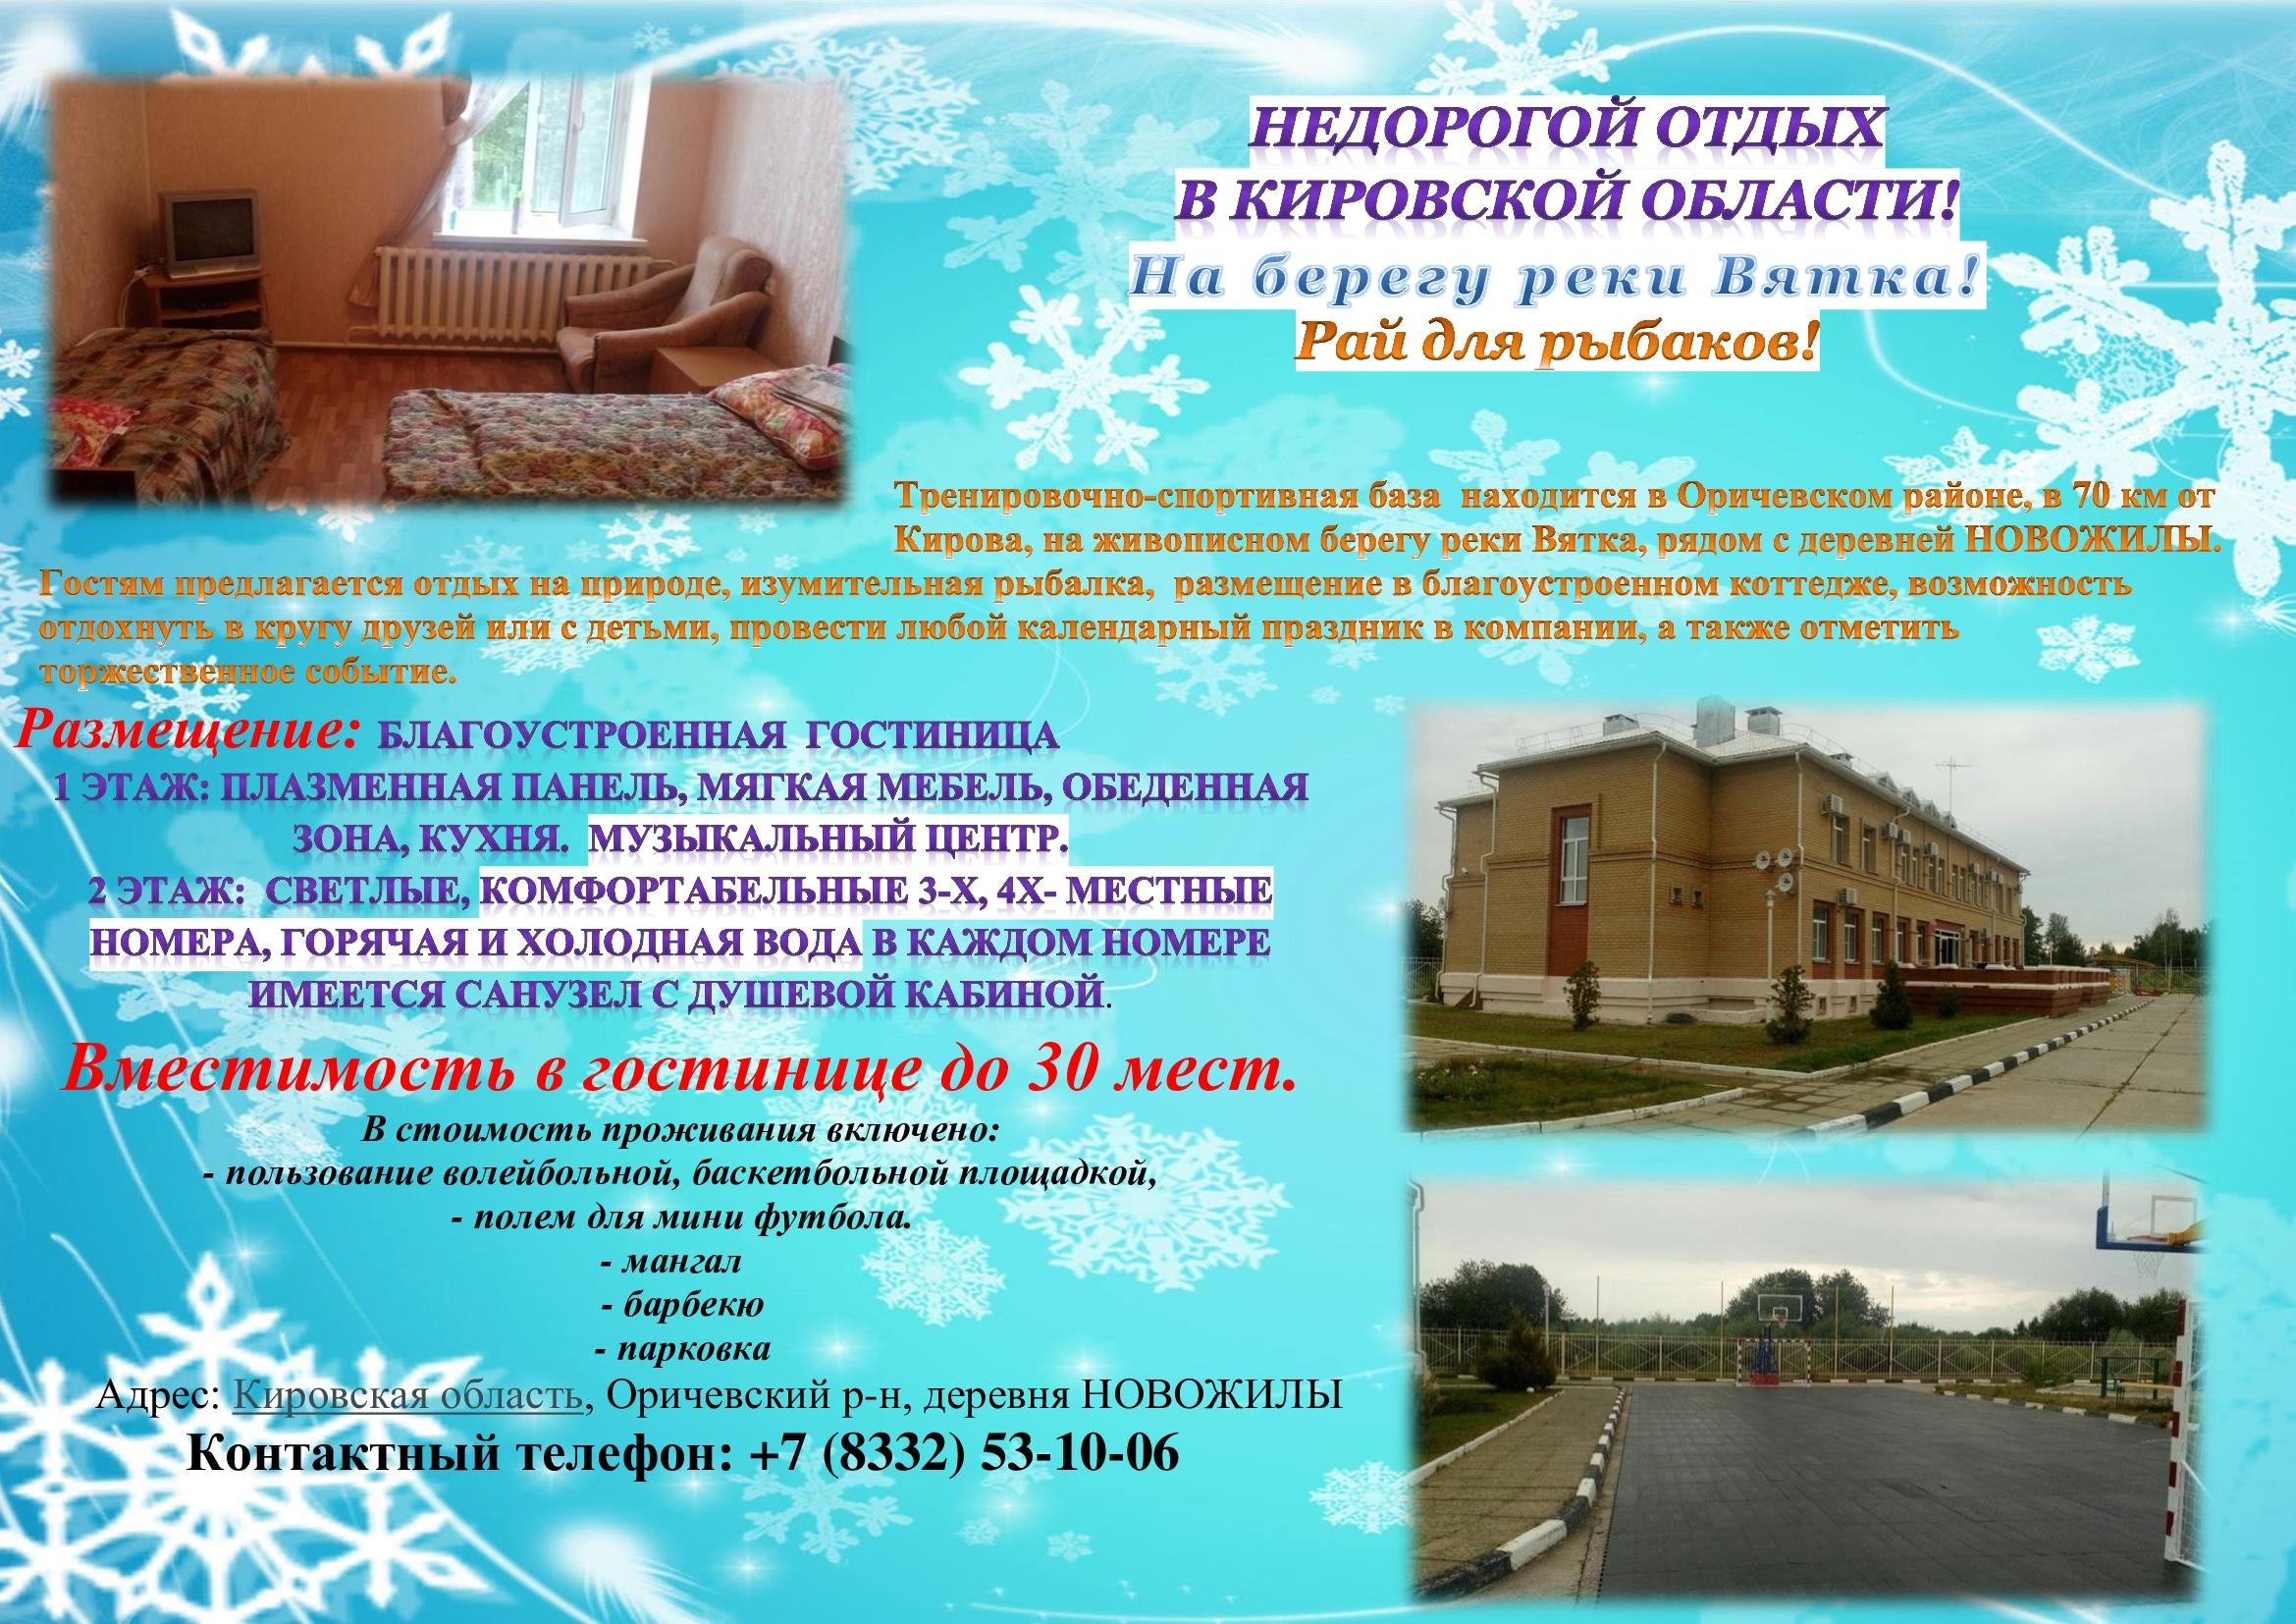 Реклама-Новожилы-фото